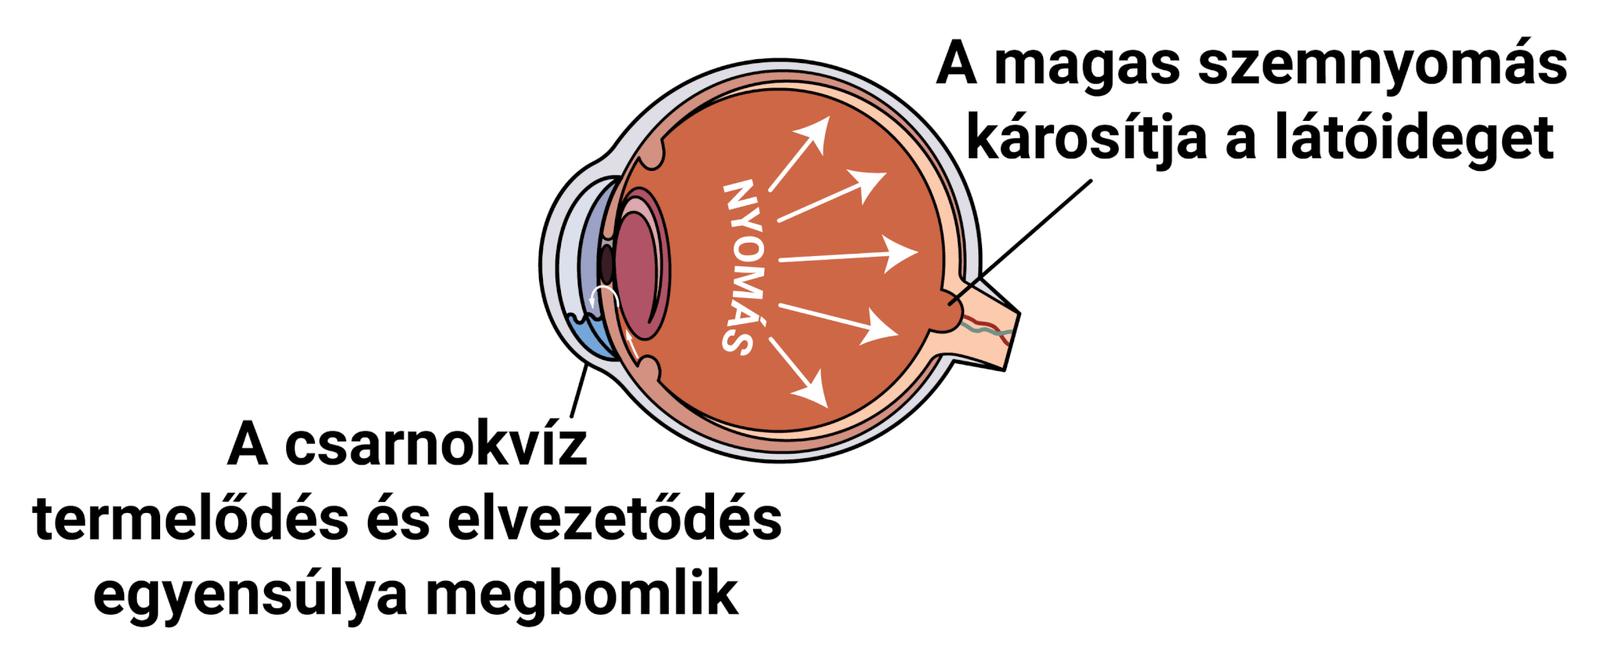 látás glaukóma és szürkehályog műtét után az otthoni látás javításának módszerei